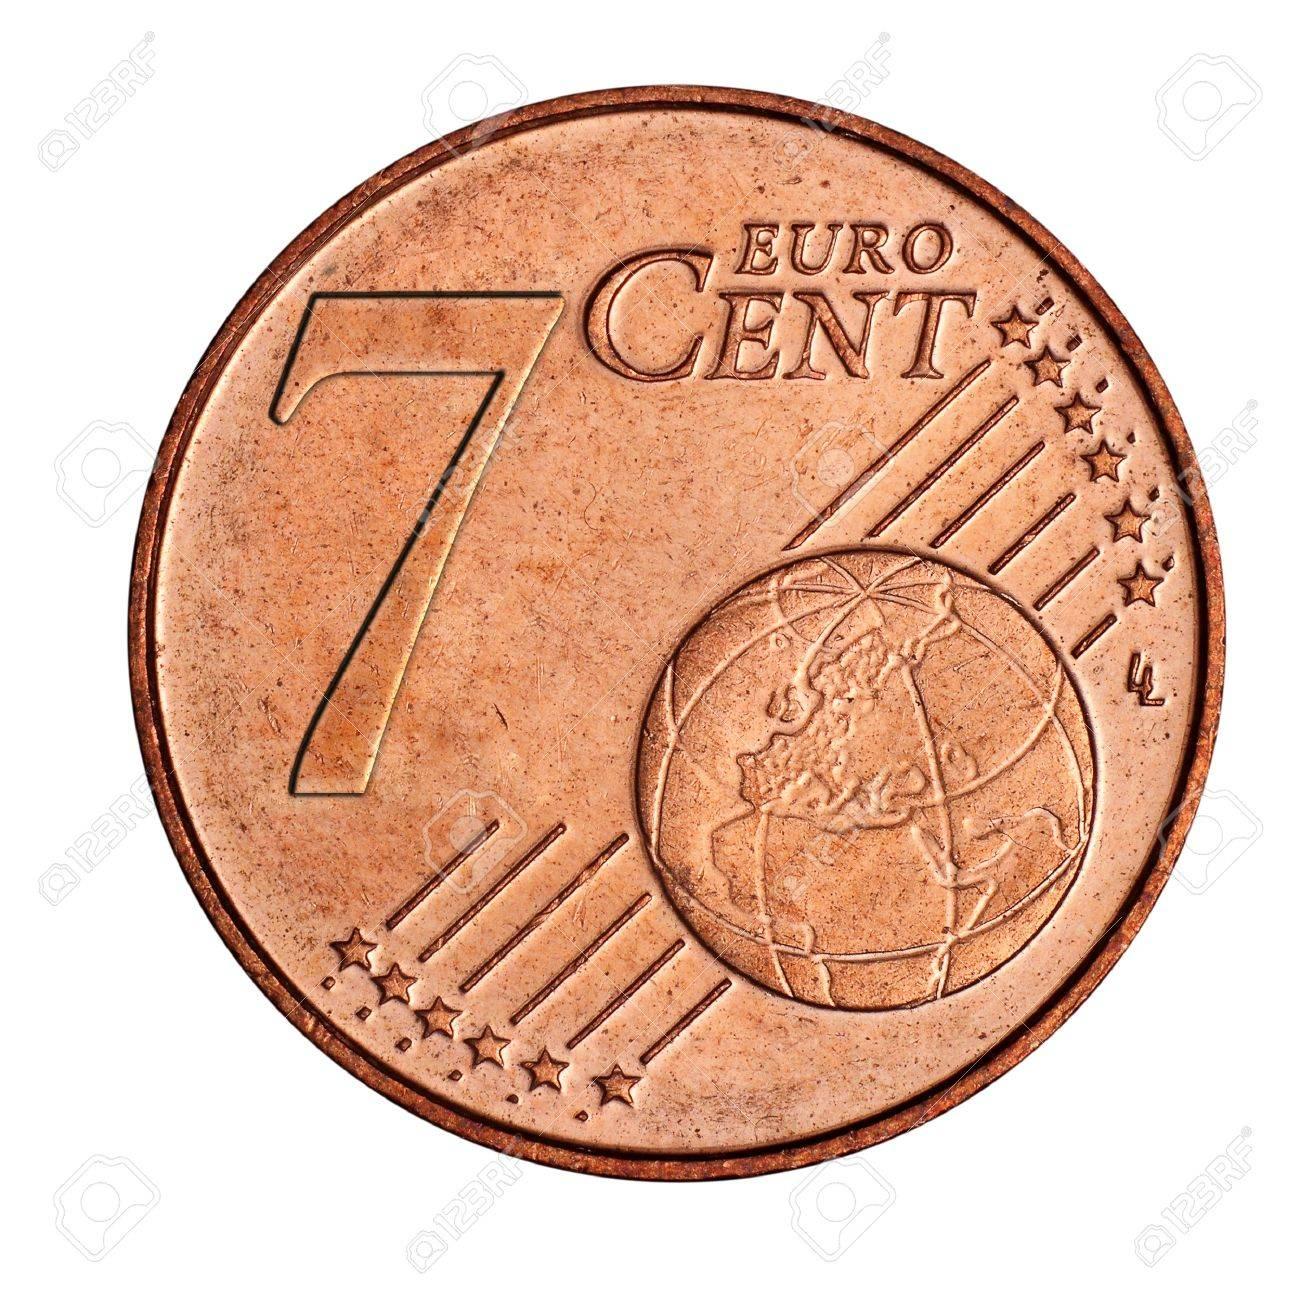 Eine Collage Von 7 Euro Cent Münze Lizenzfreie Fotos Bilder Und